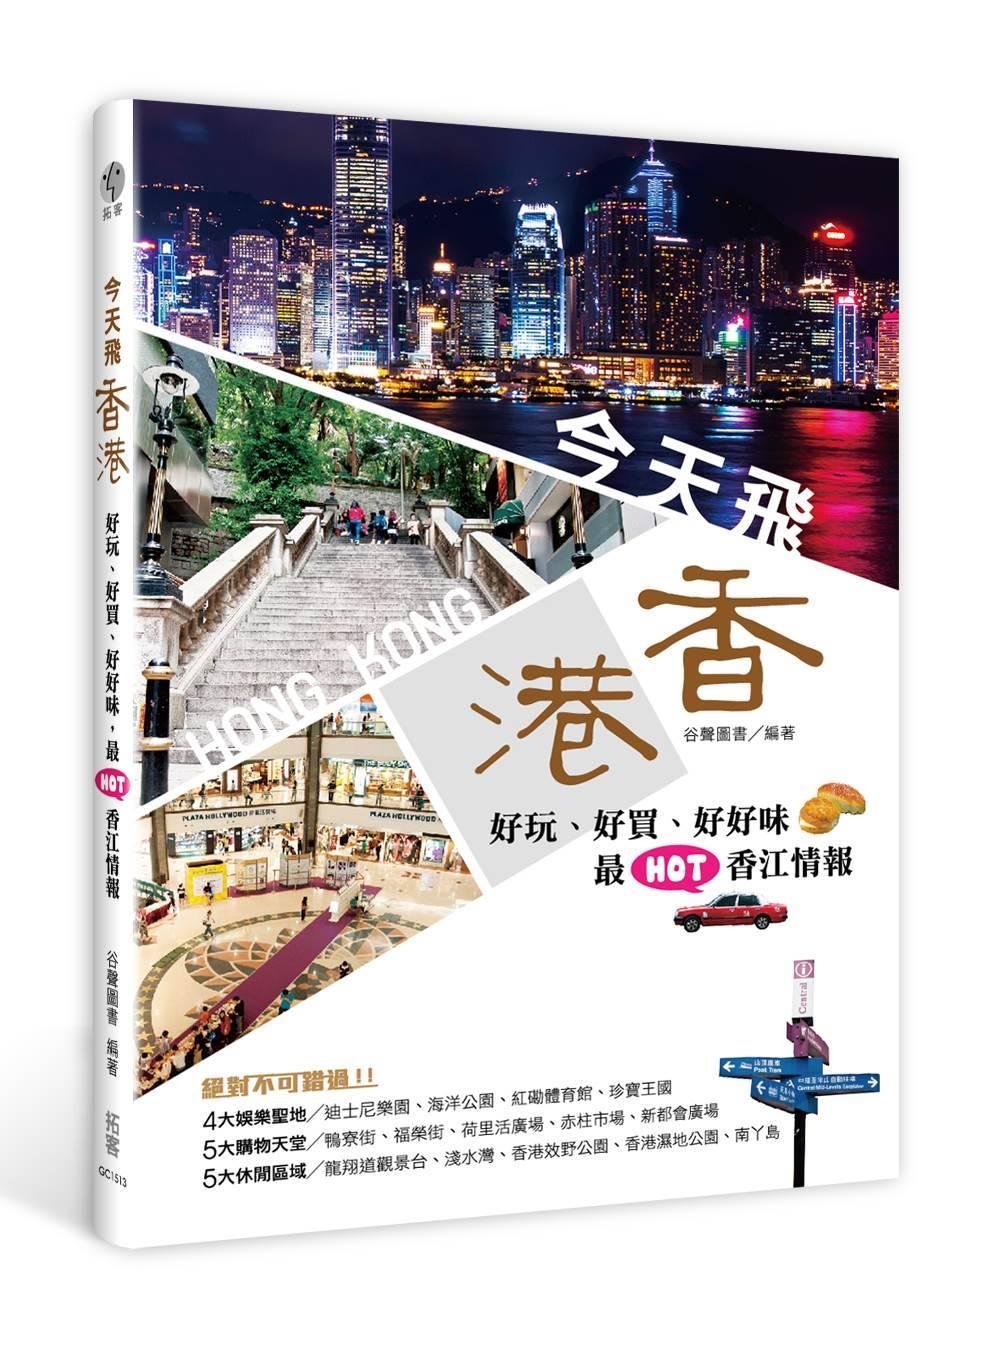 今天飛香港:好玩、好買,好好味,最HOT香江情報